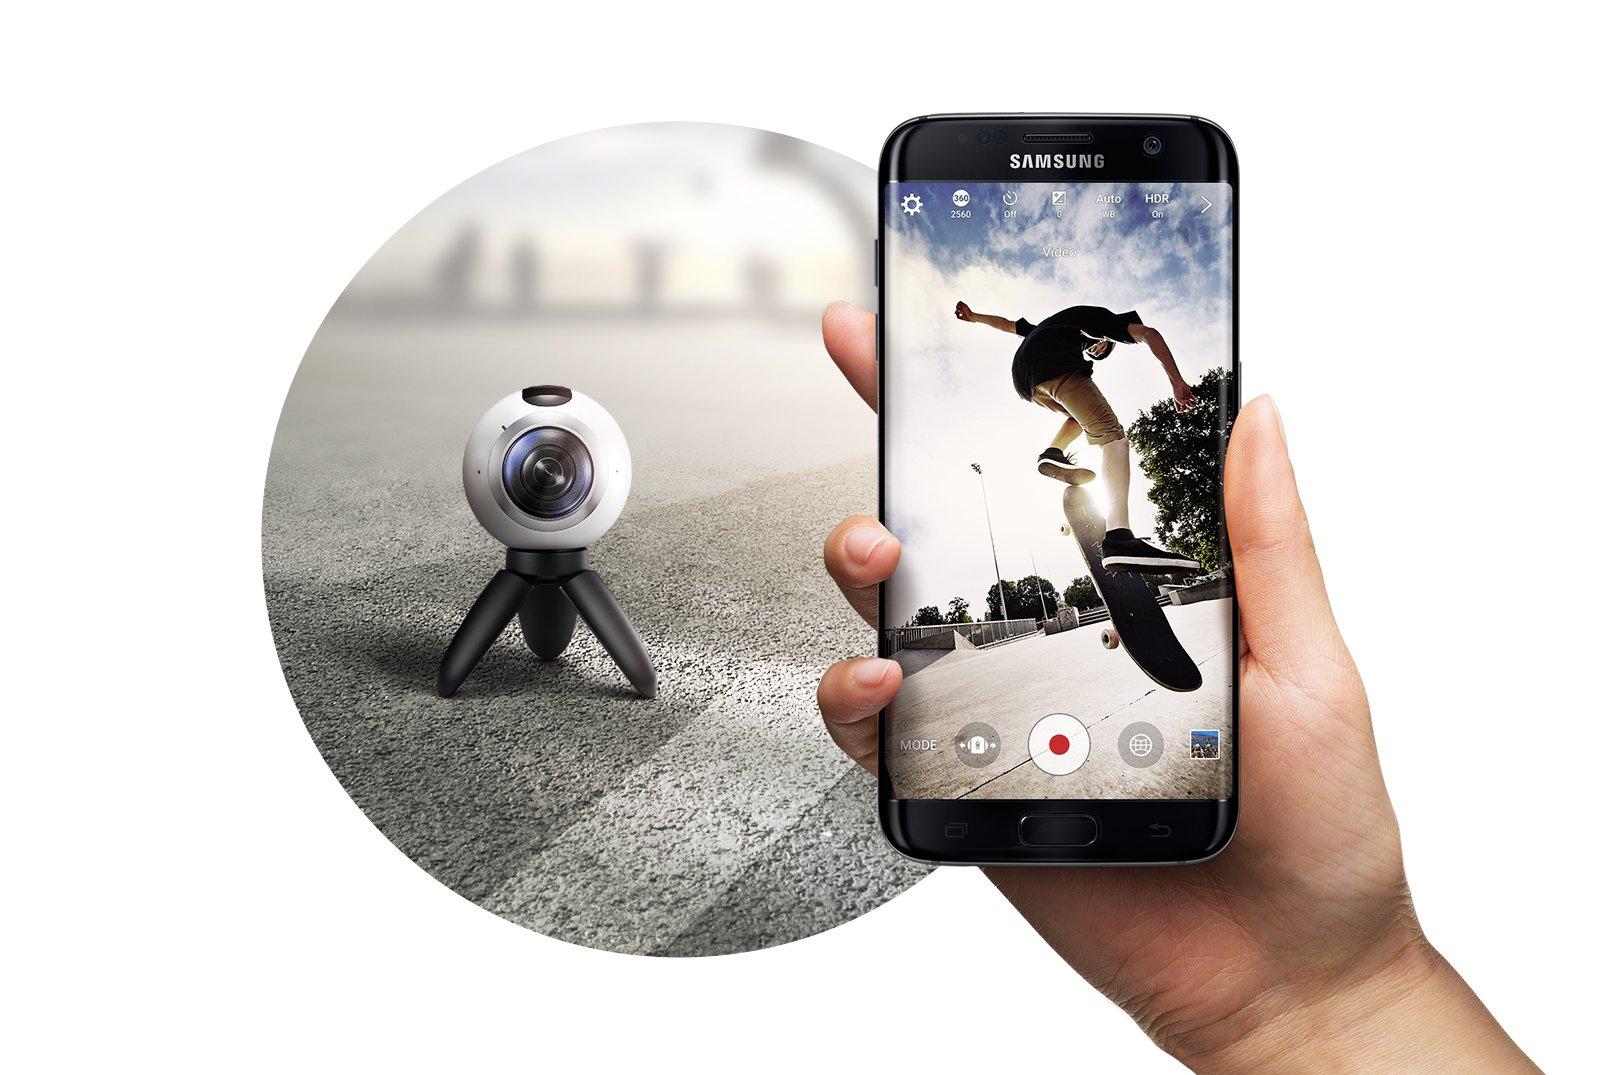 bee59a44fd9 Conheça 7 câmeras 360° vendidas no Brasil com o melhor custo-benefício